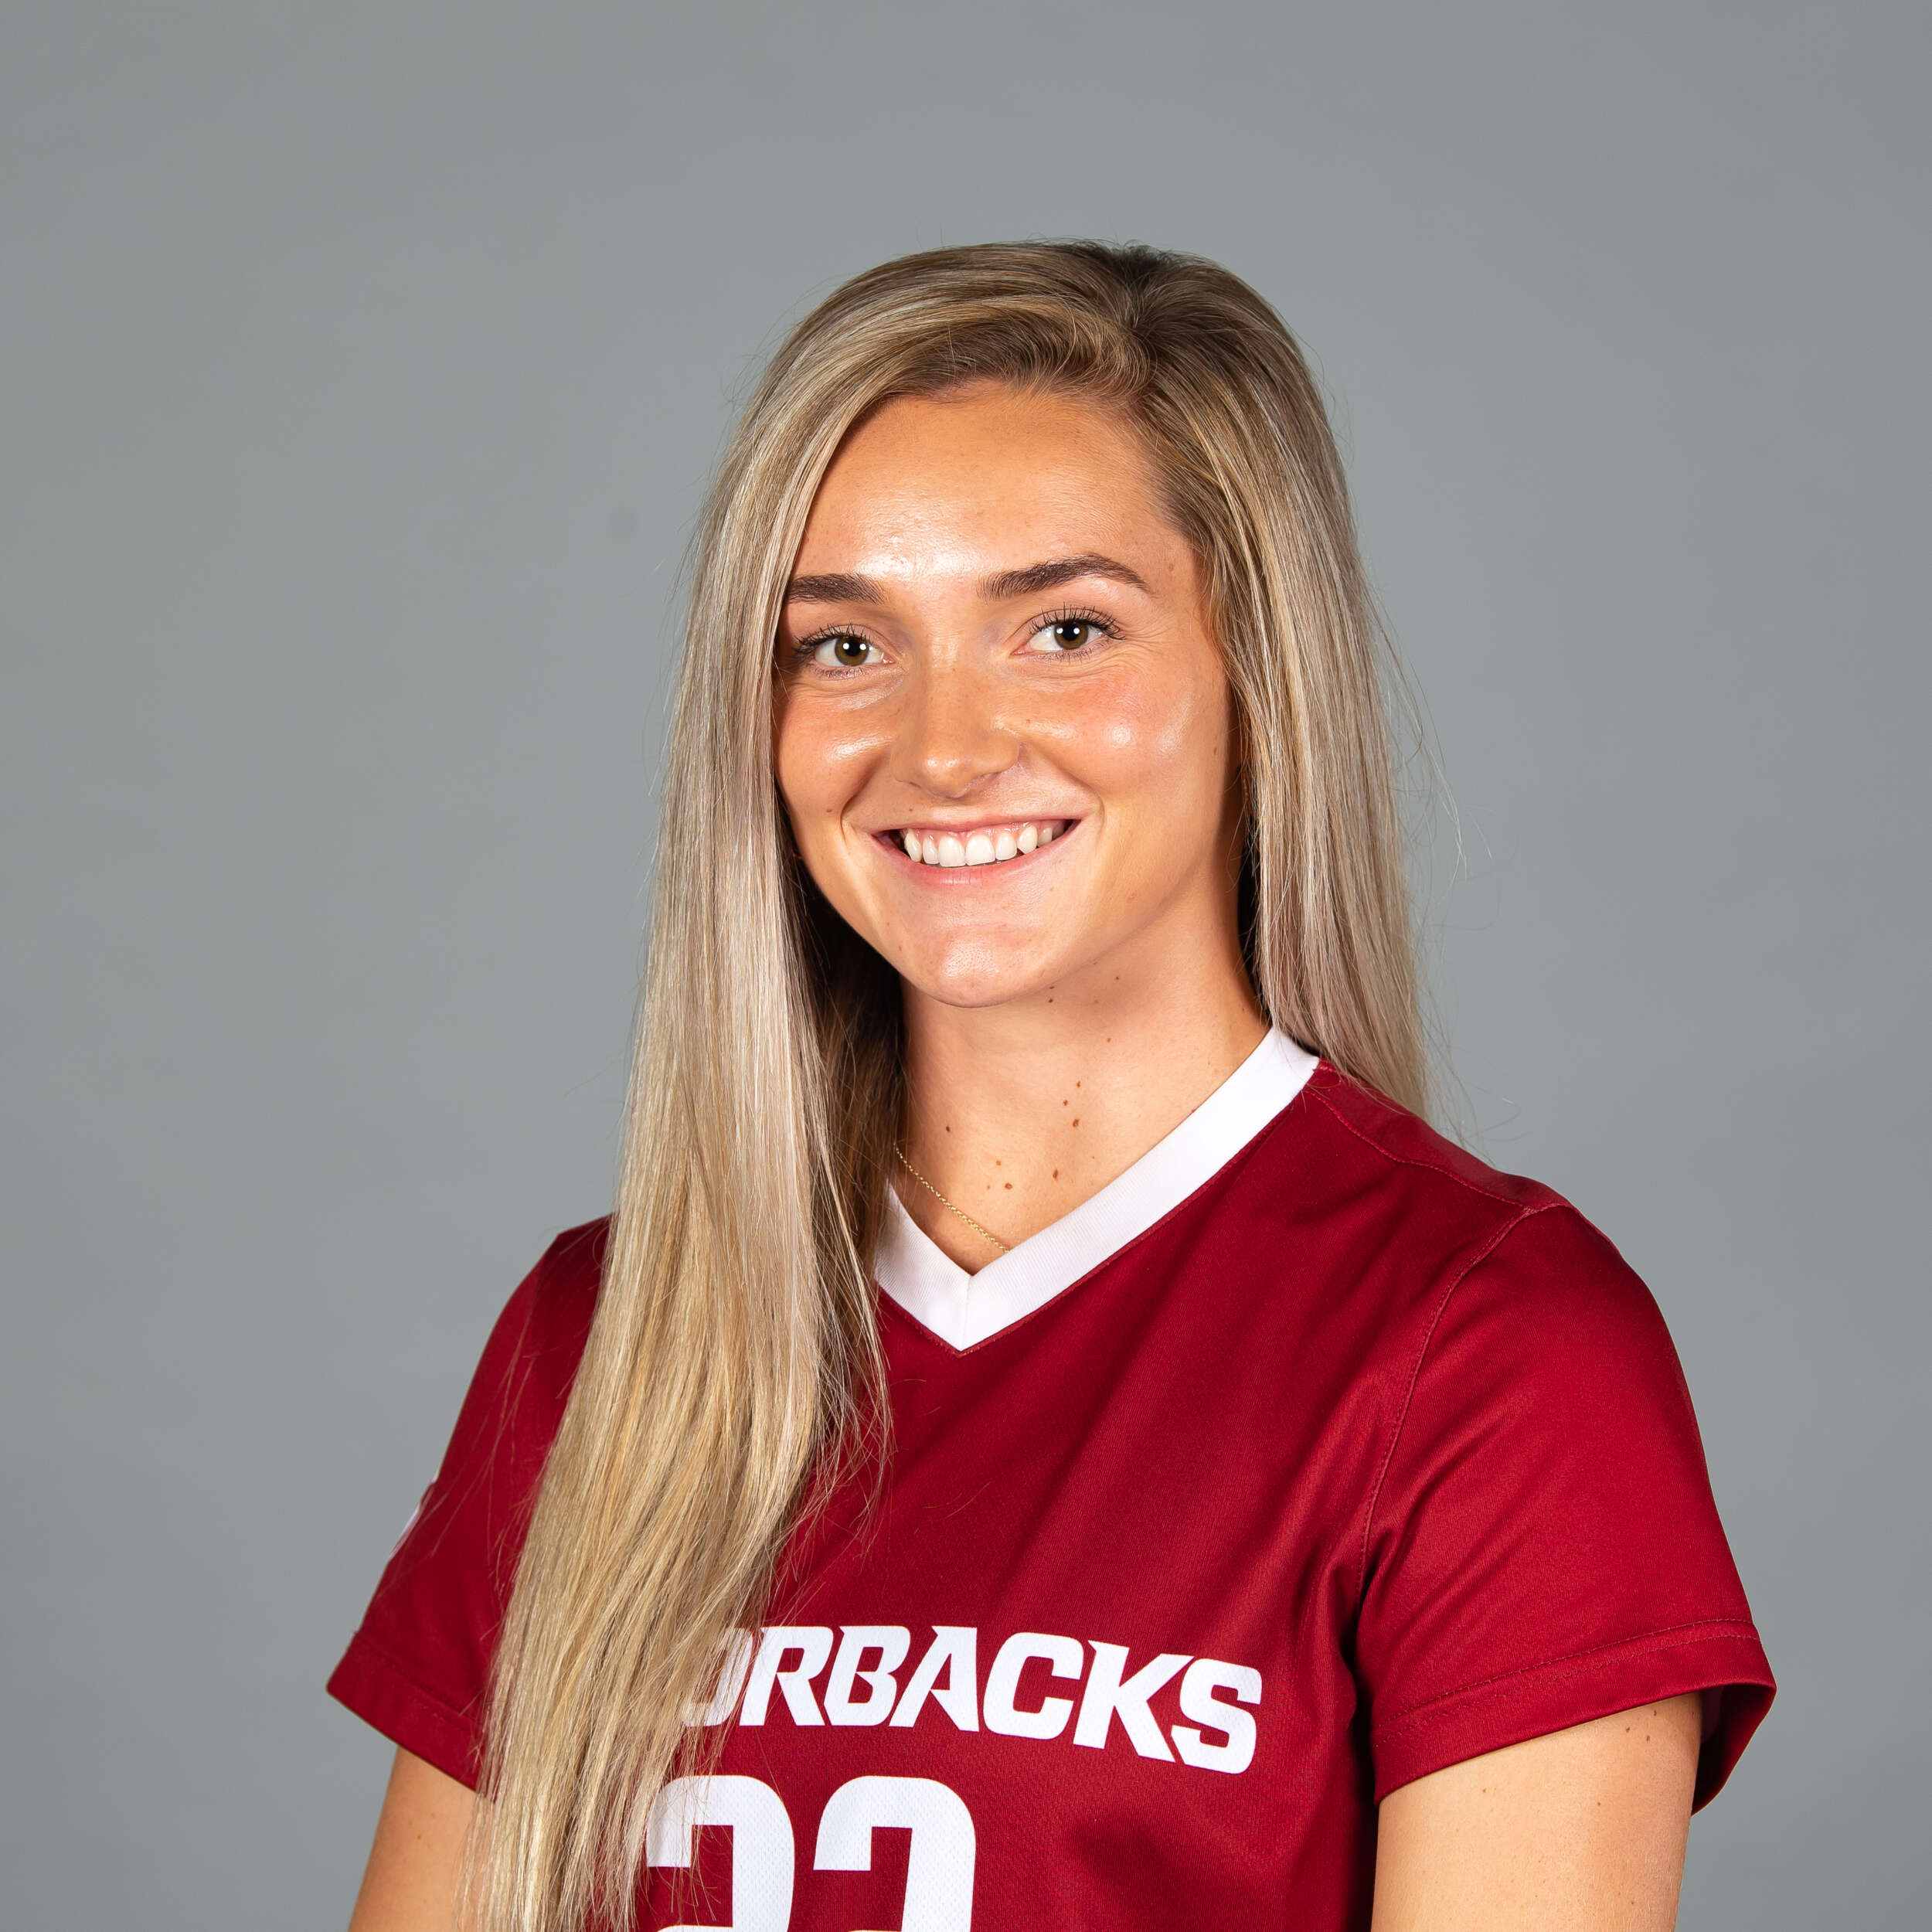 Parker Goins - Soccer - Arkansas Razorbacks